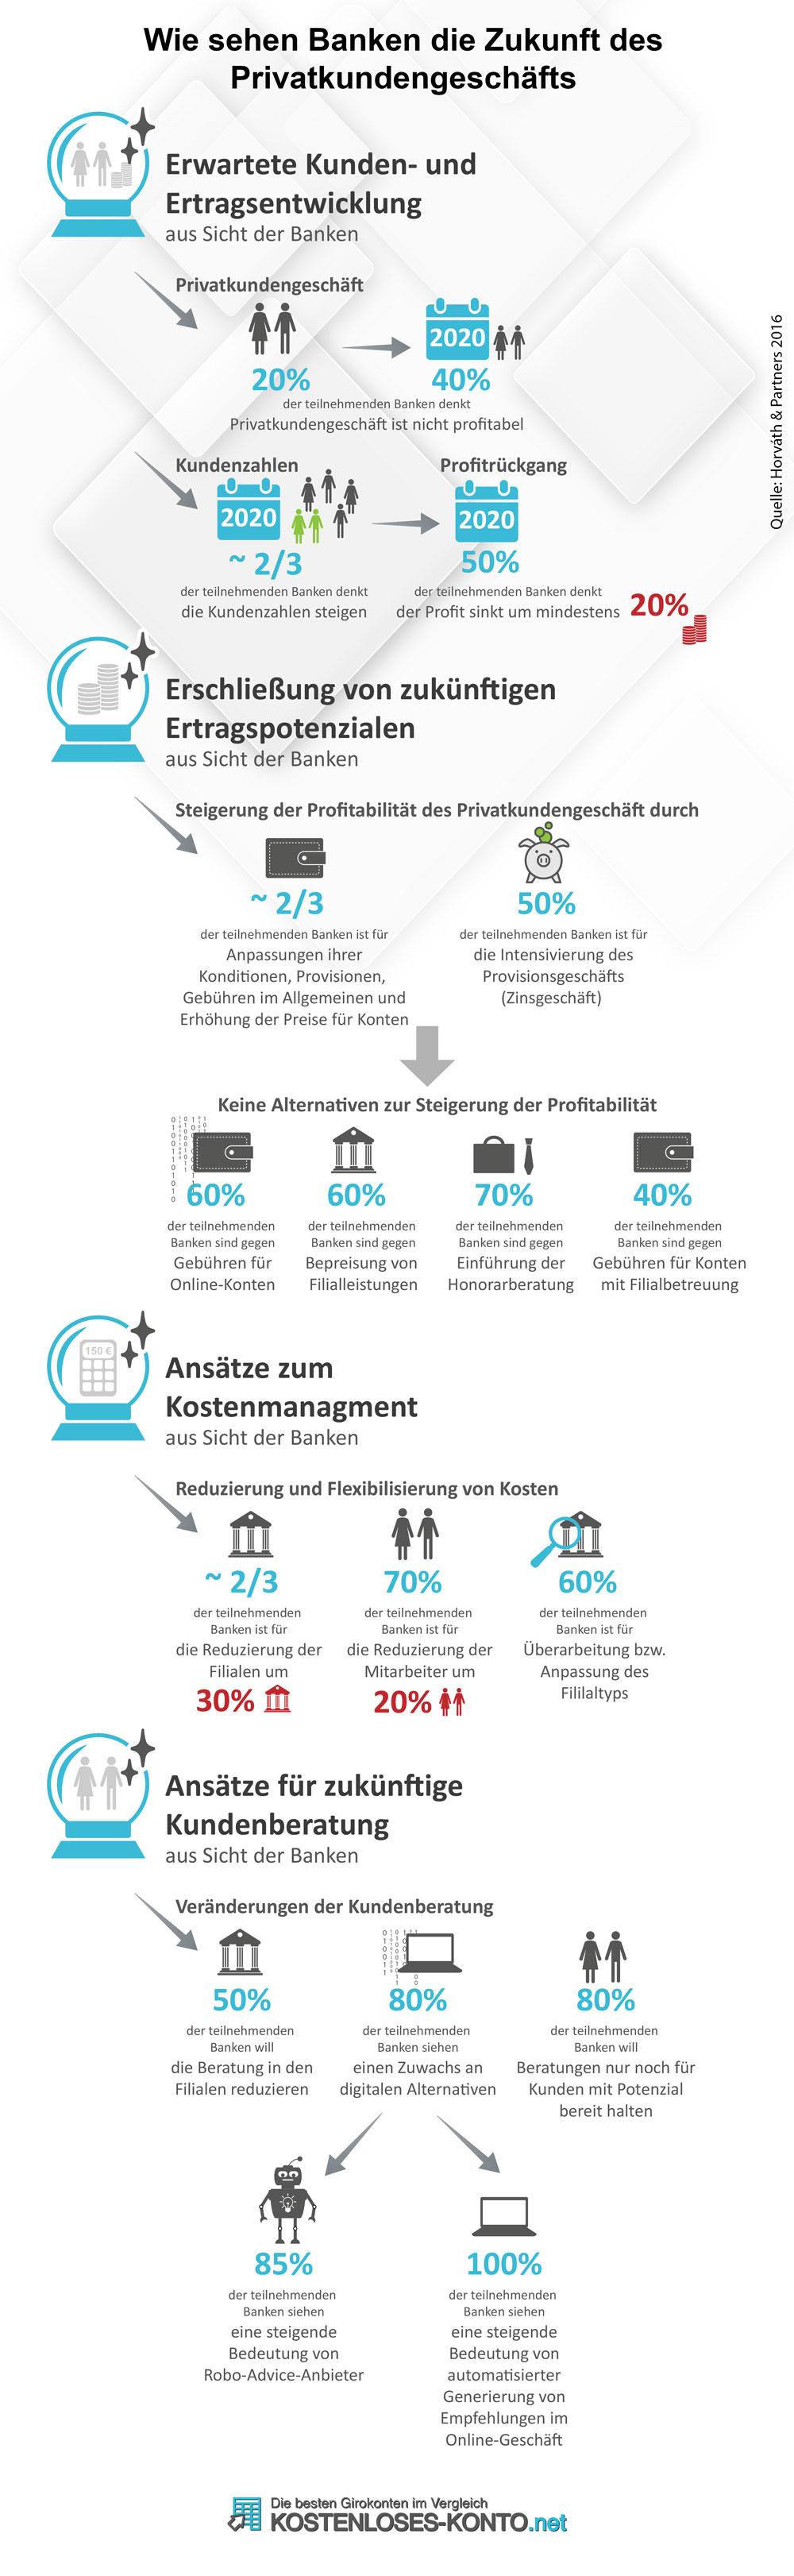 Wie Banken die Zukunft des Geschäfts mit Privatkunden sehen, zeigt eine aktuelle Studie von Horváth & Partners aus 2016 auf.